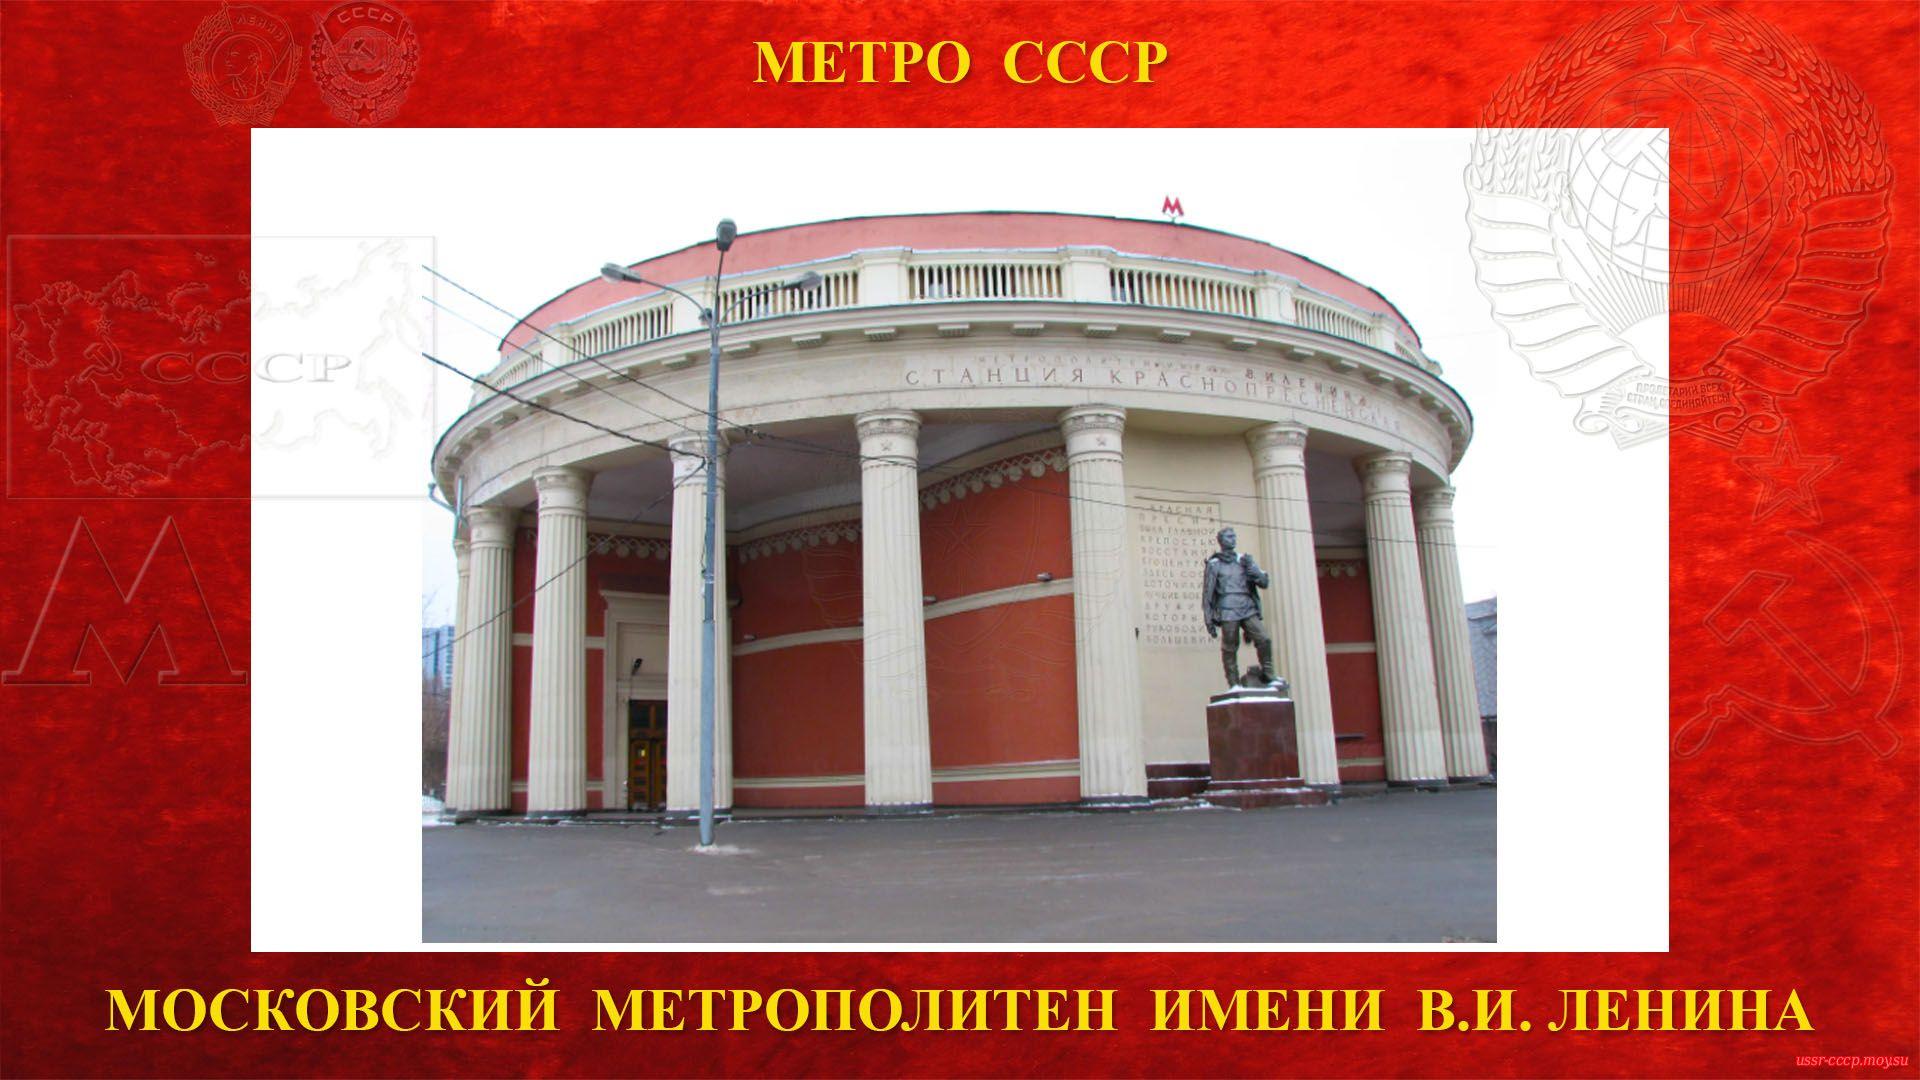 Краснопресненская — Станция метро в Москве (повествование)